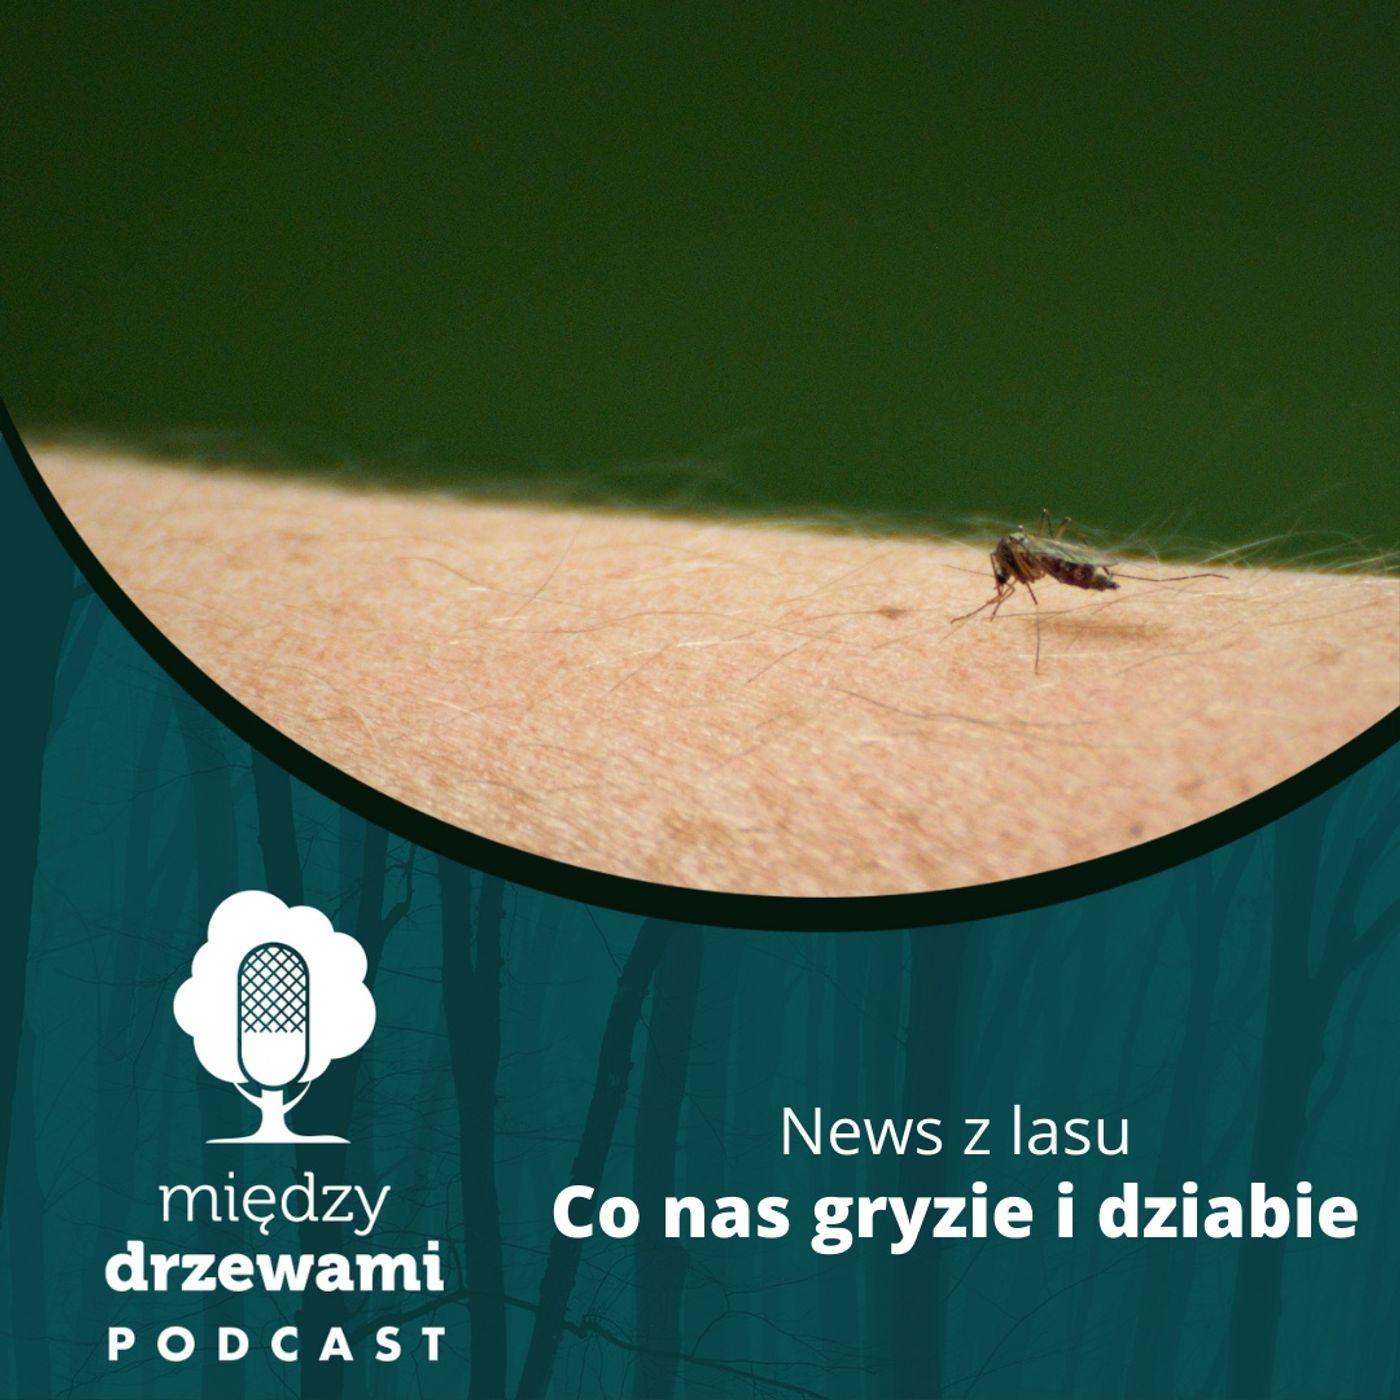 News z lasu - Co nas gryzie i dziabie [opowiada: Michał Wieciech]